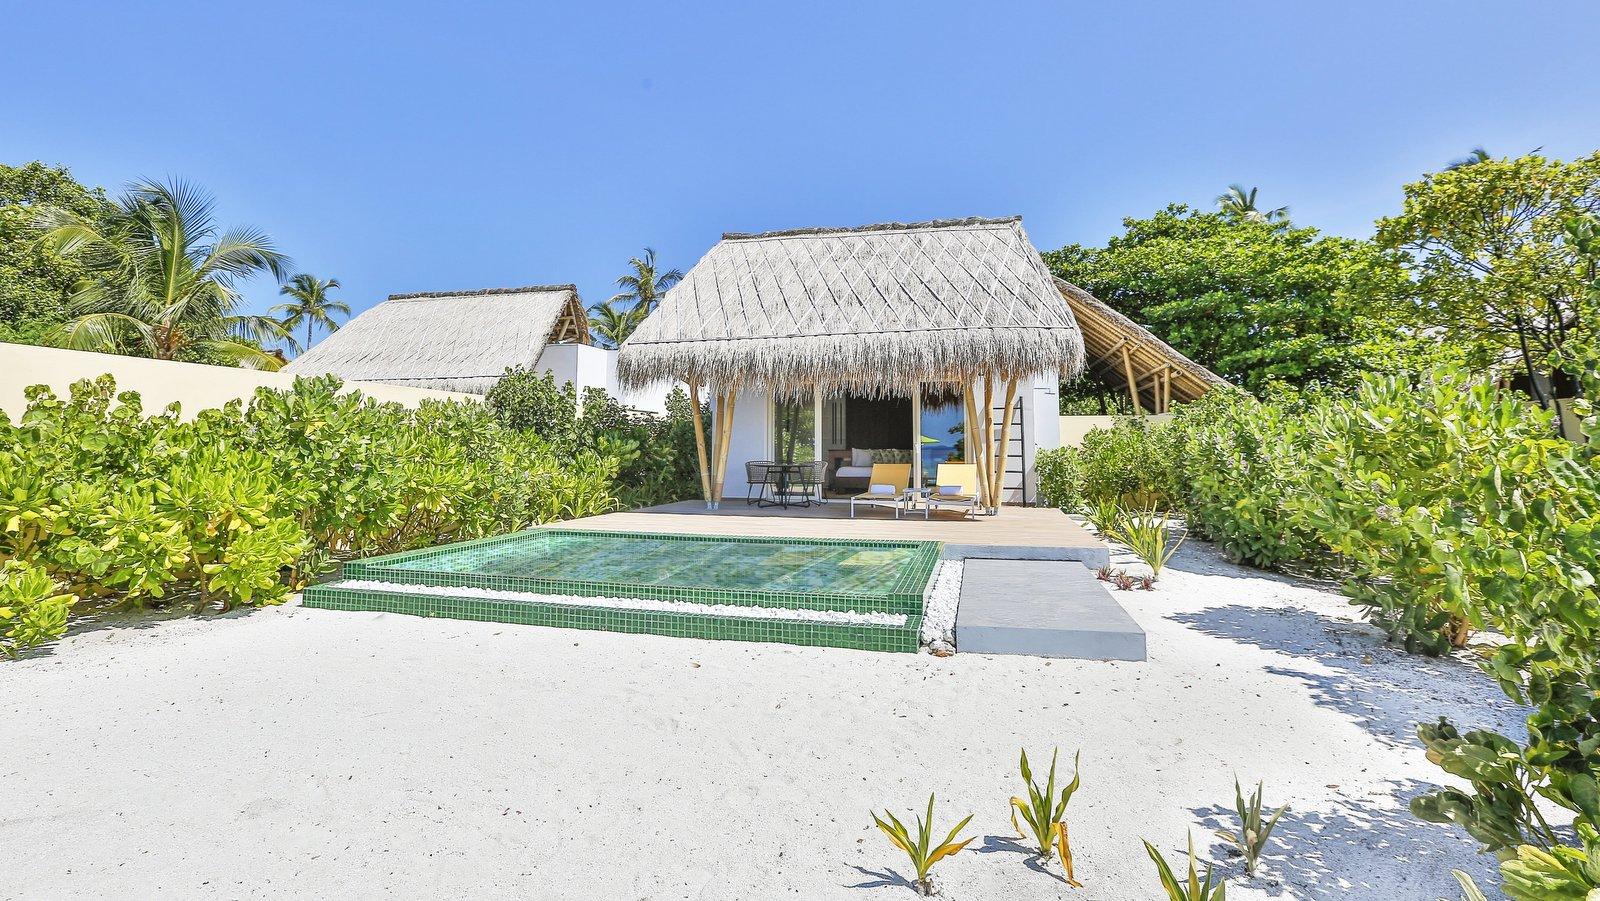 Мальдивы, отель Emerald Maldives Resort & Spa, номер Beach Villa with Pool